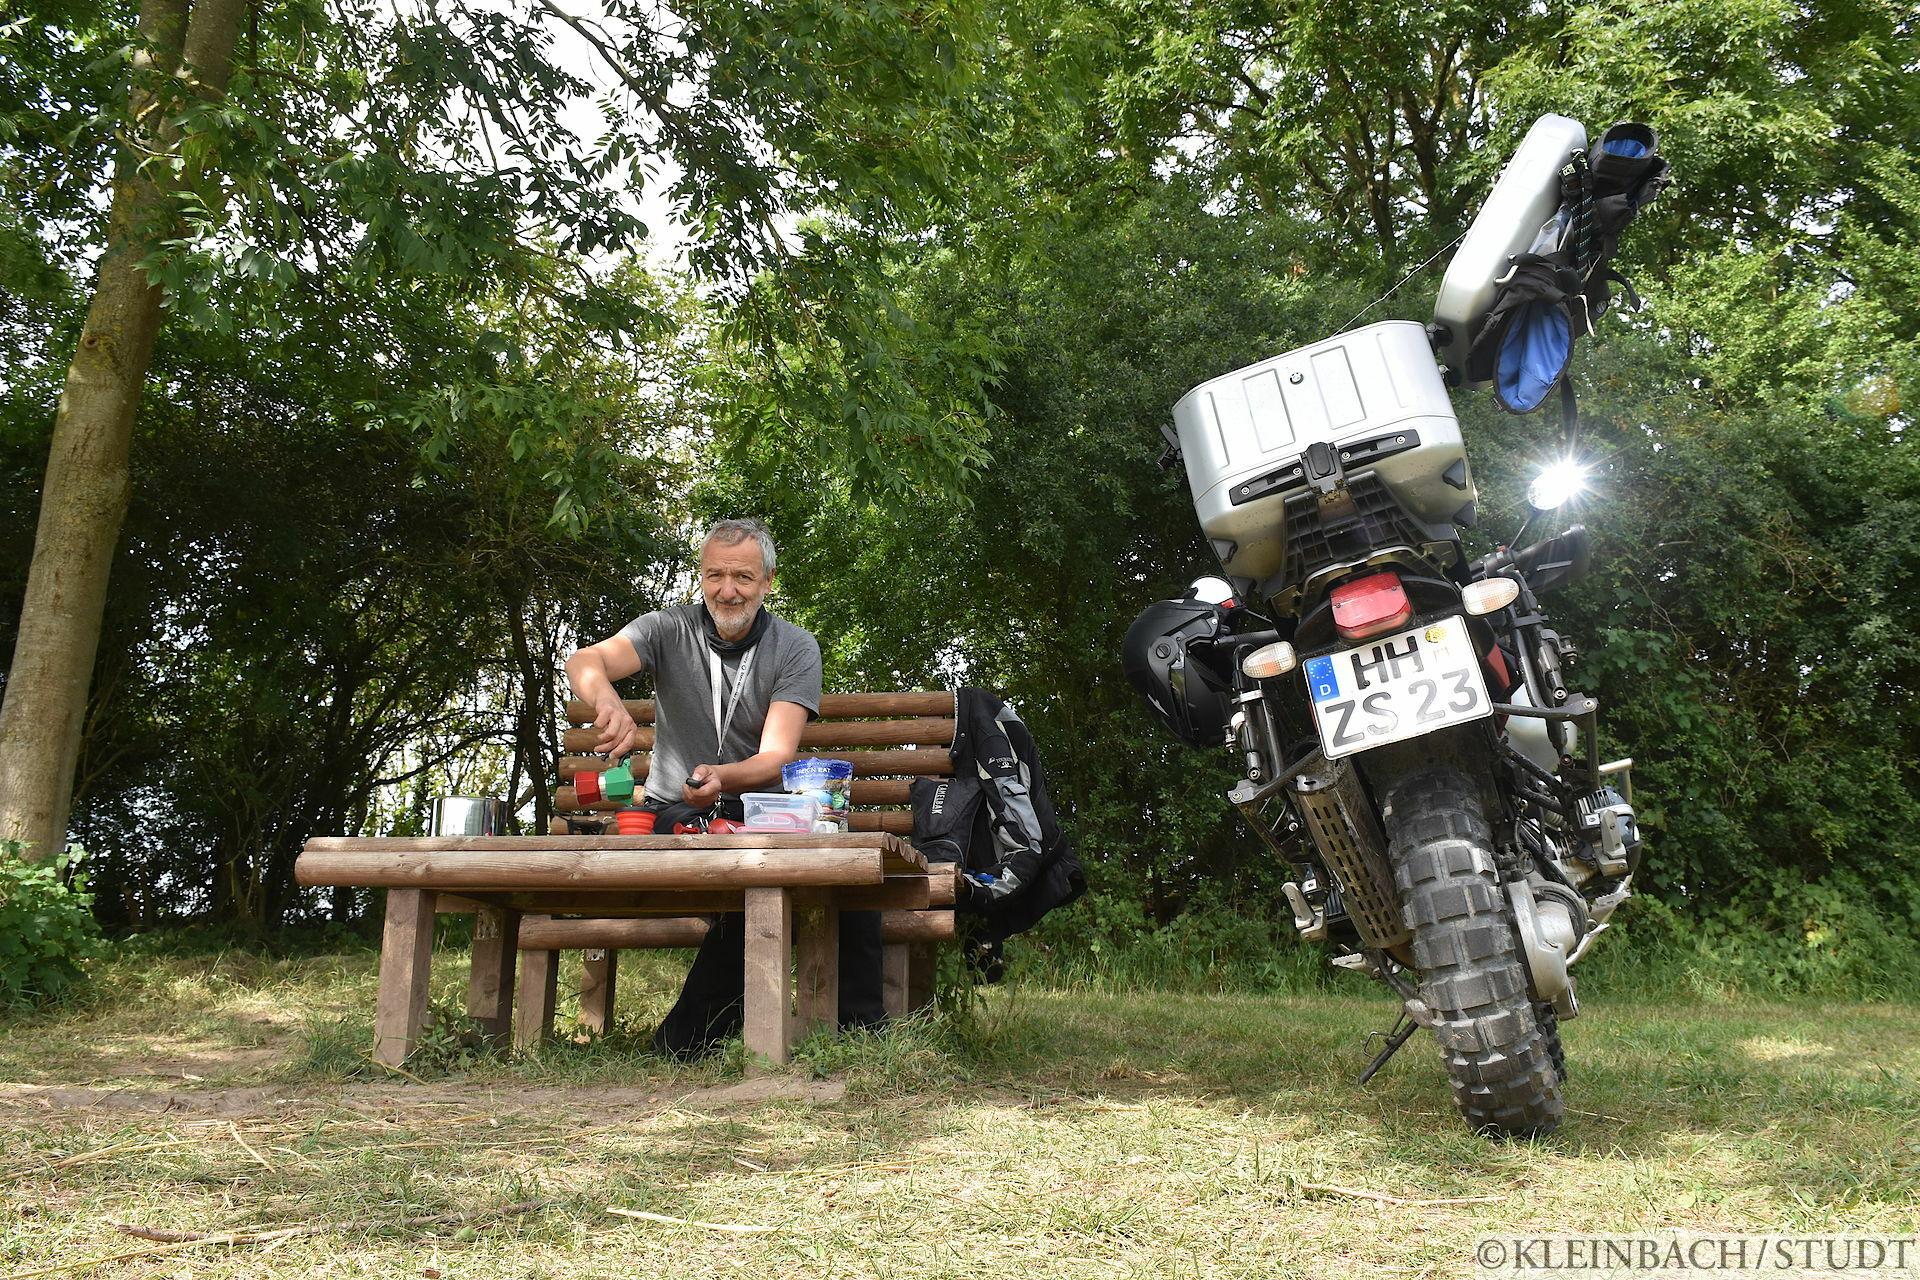 Ich entschied, mir hier ein Schnellgericht und einen Kaffee zuzubereiten. Dann erhielt ich noch Gesellschaft durch eine Fahrradfahrerin, mit der ich mich über eine Stunde lang unterhielt